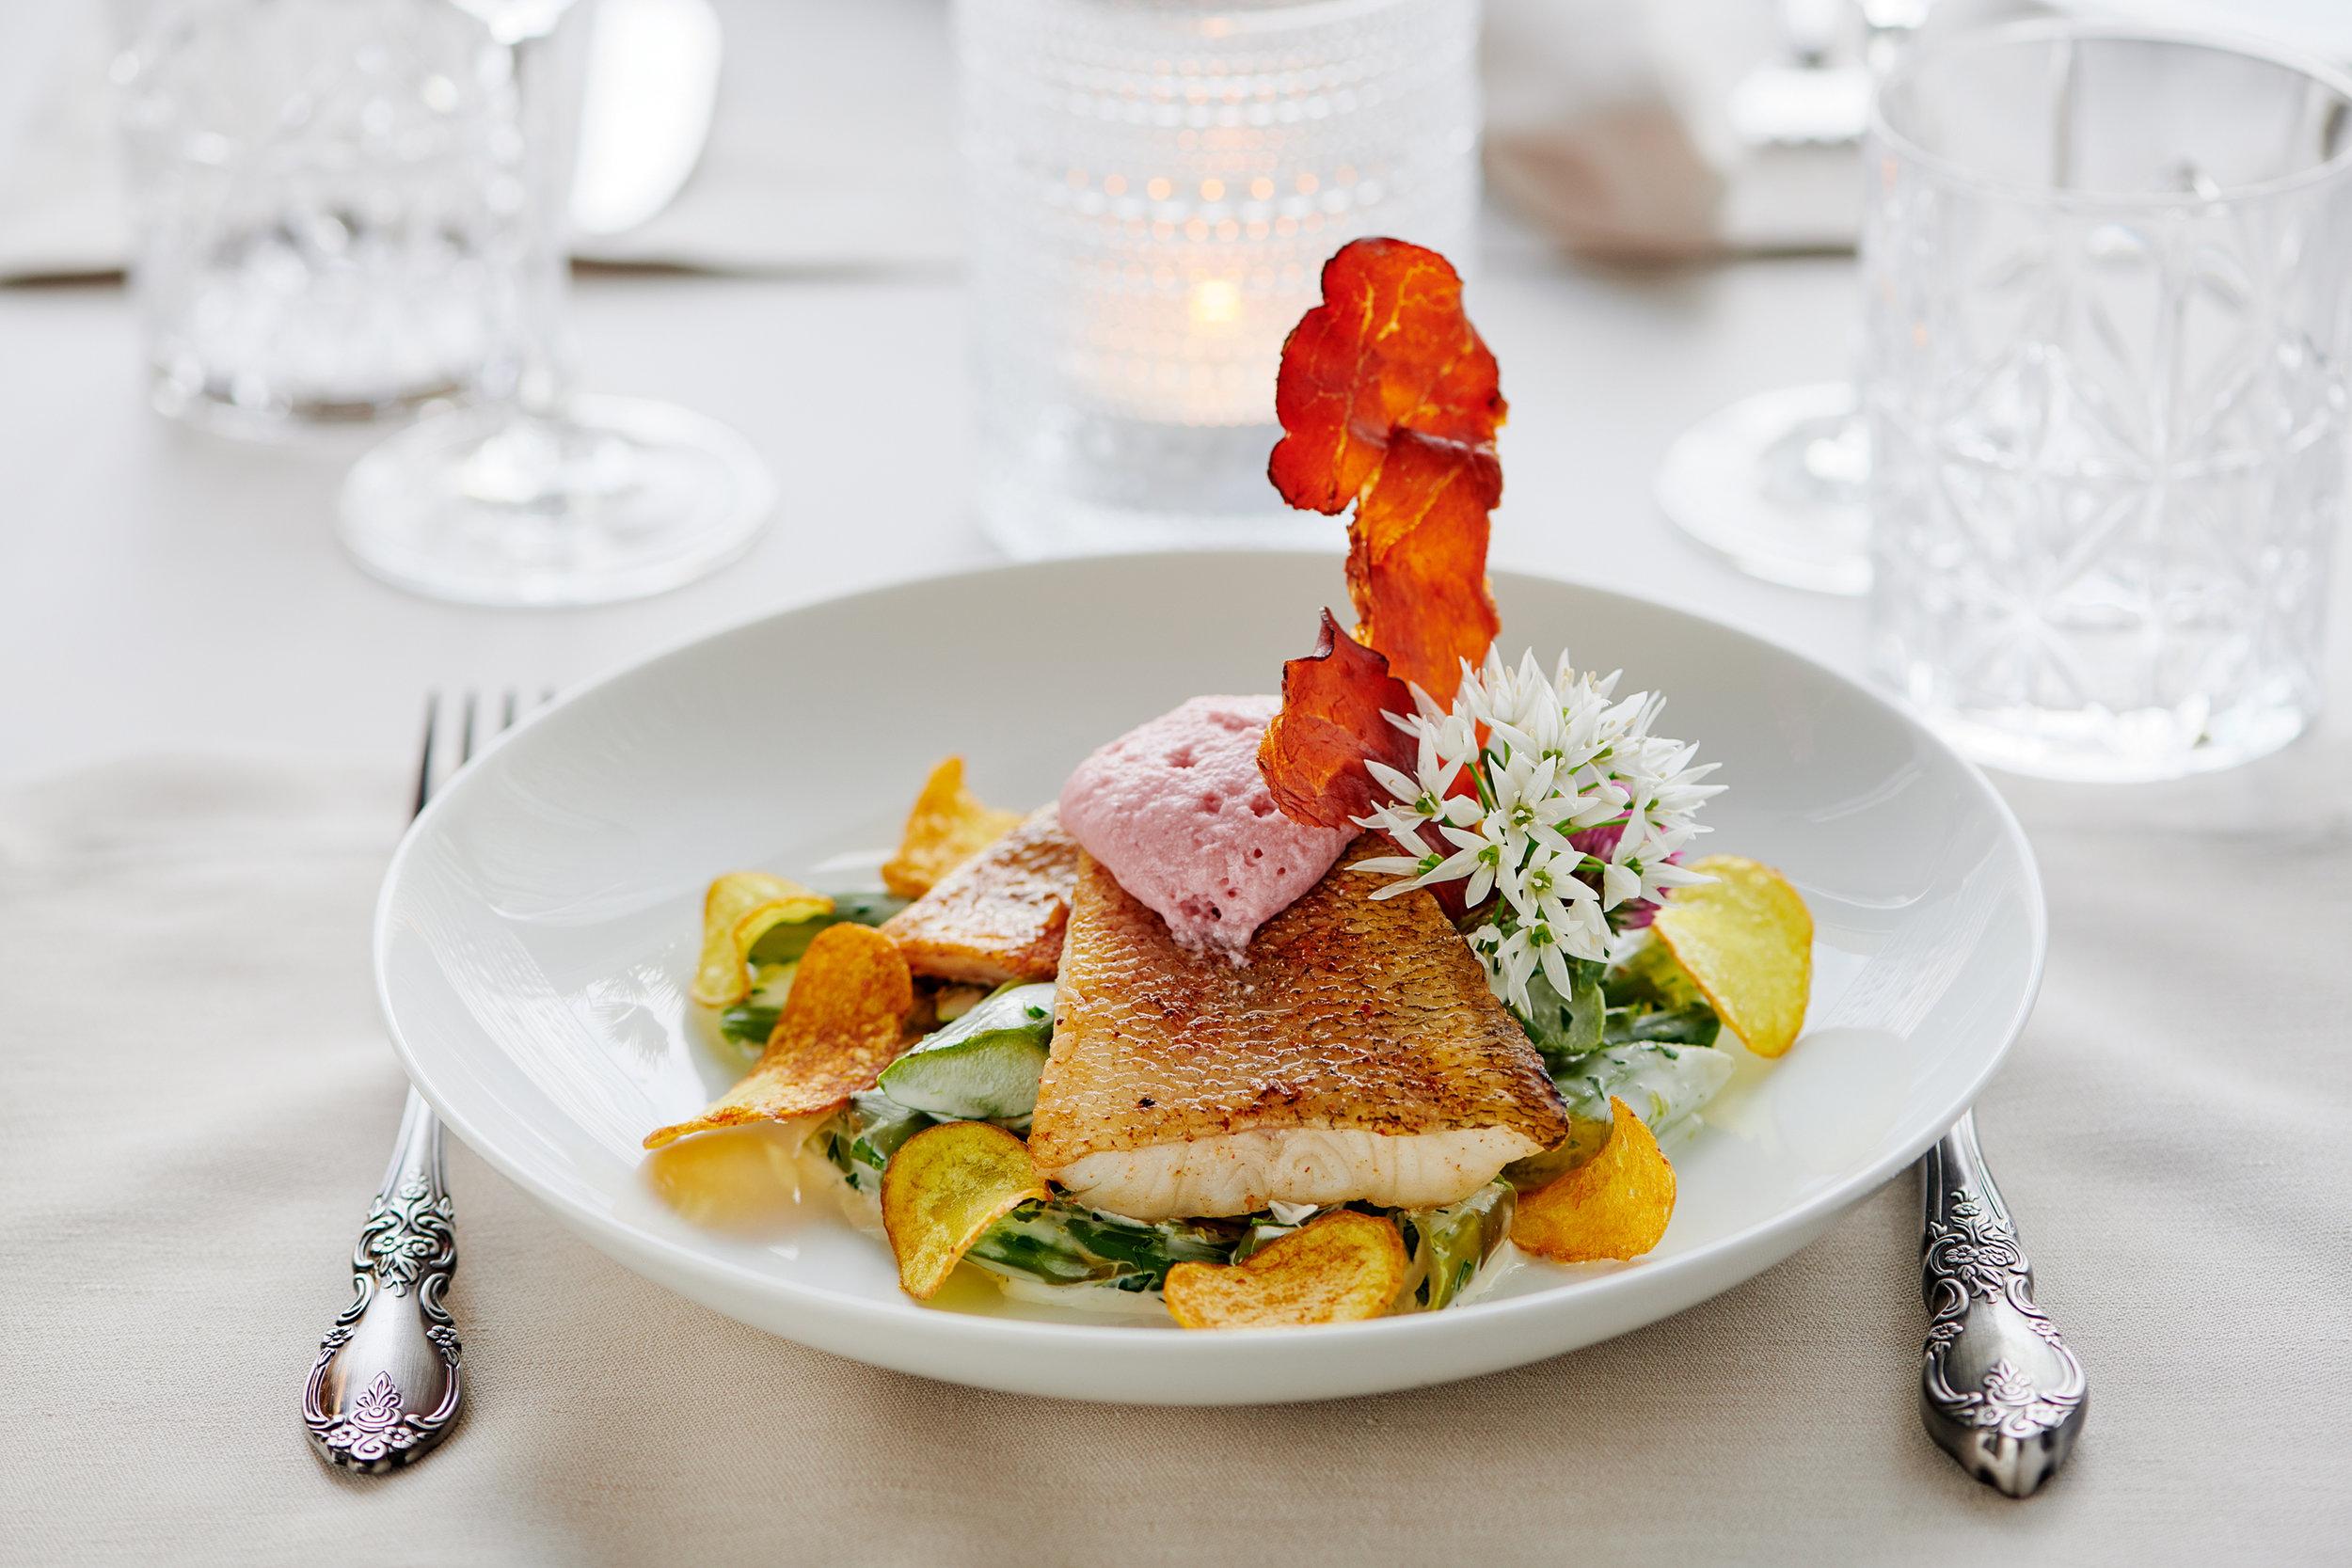 Restaurant_Zuerichberg_Sorell_Hotel_Zuerichberg_Food_2.jpg